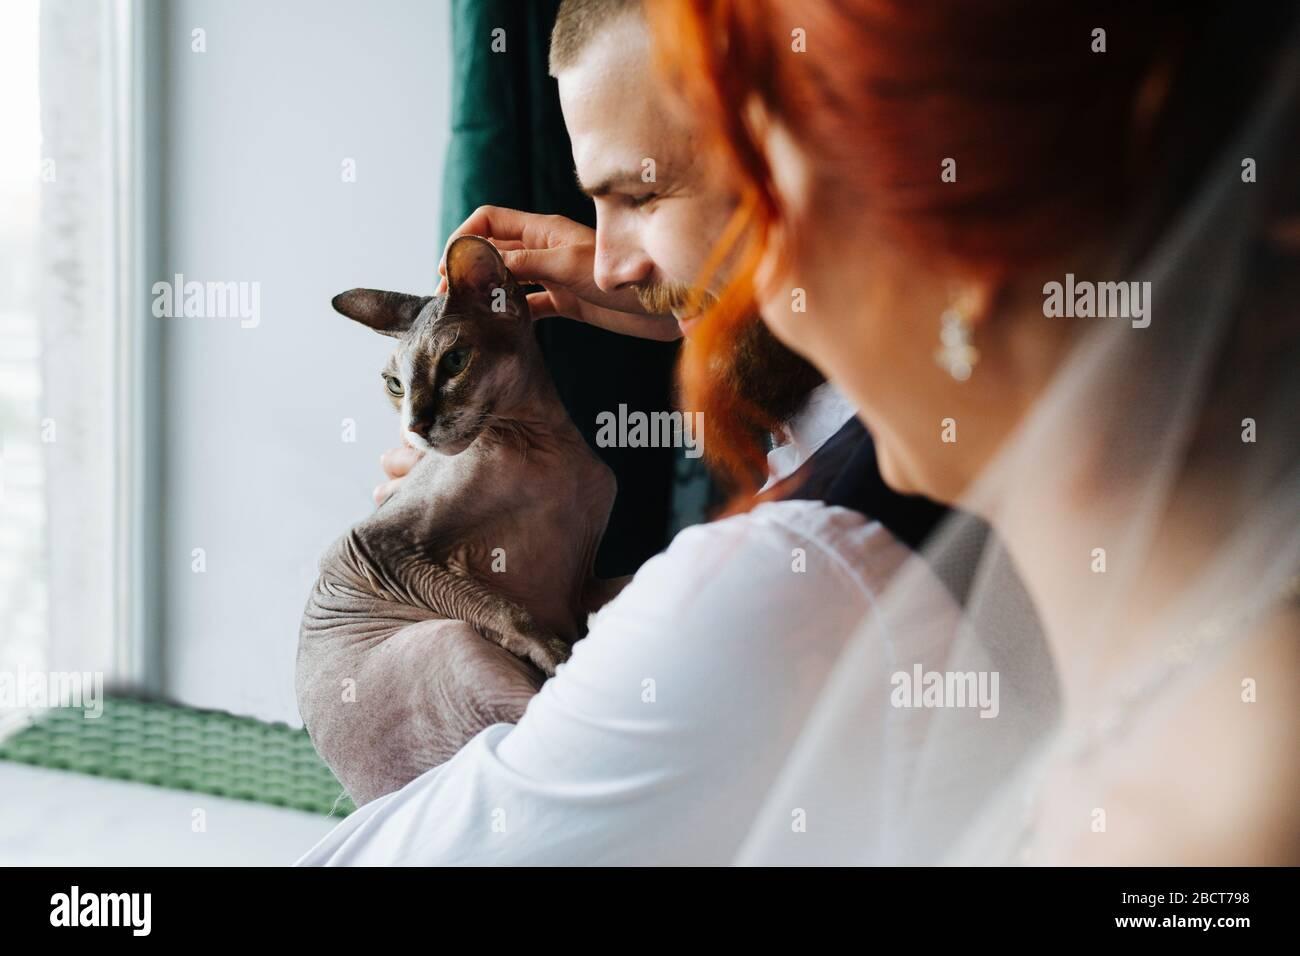 Neue Familie. Ehemann, Frau und ihre haarlose sphynx-katze Stockfoto